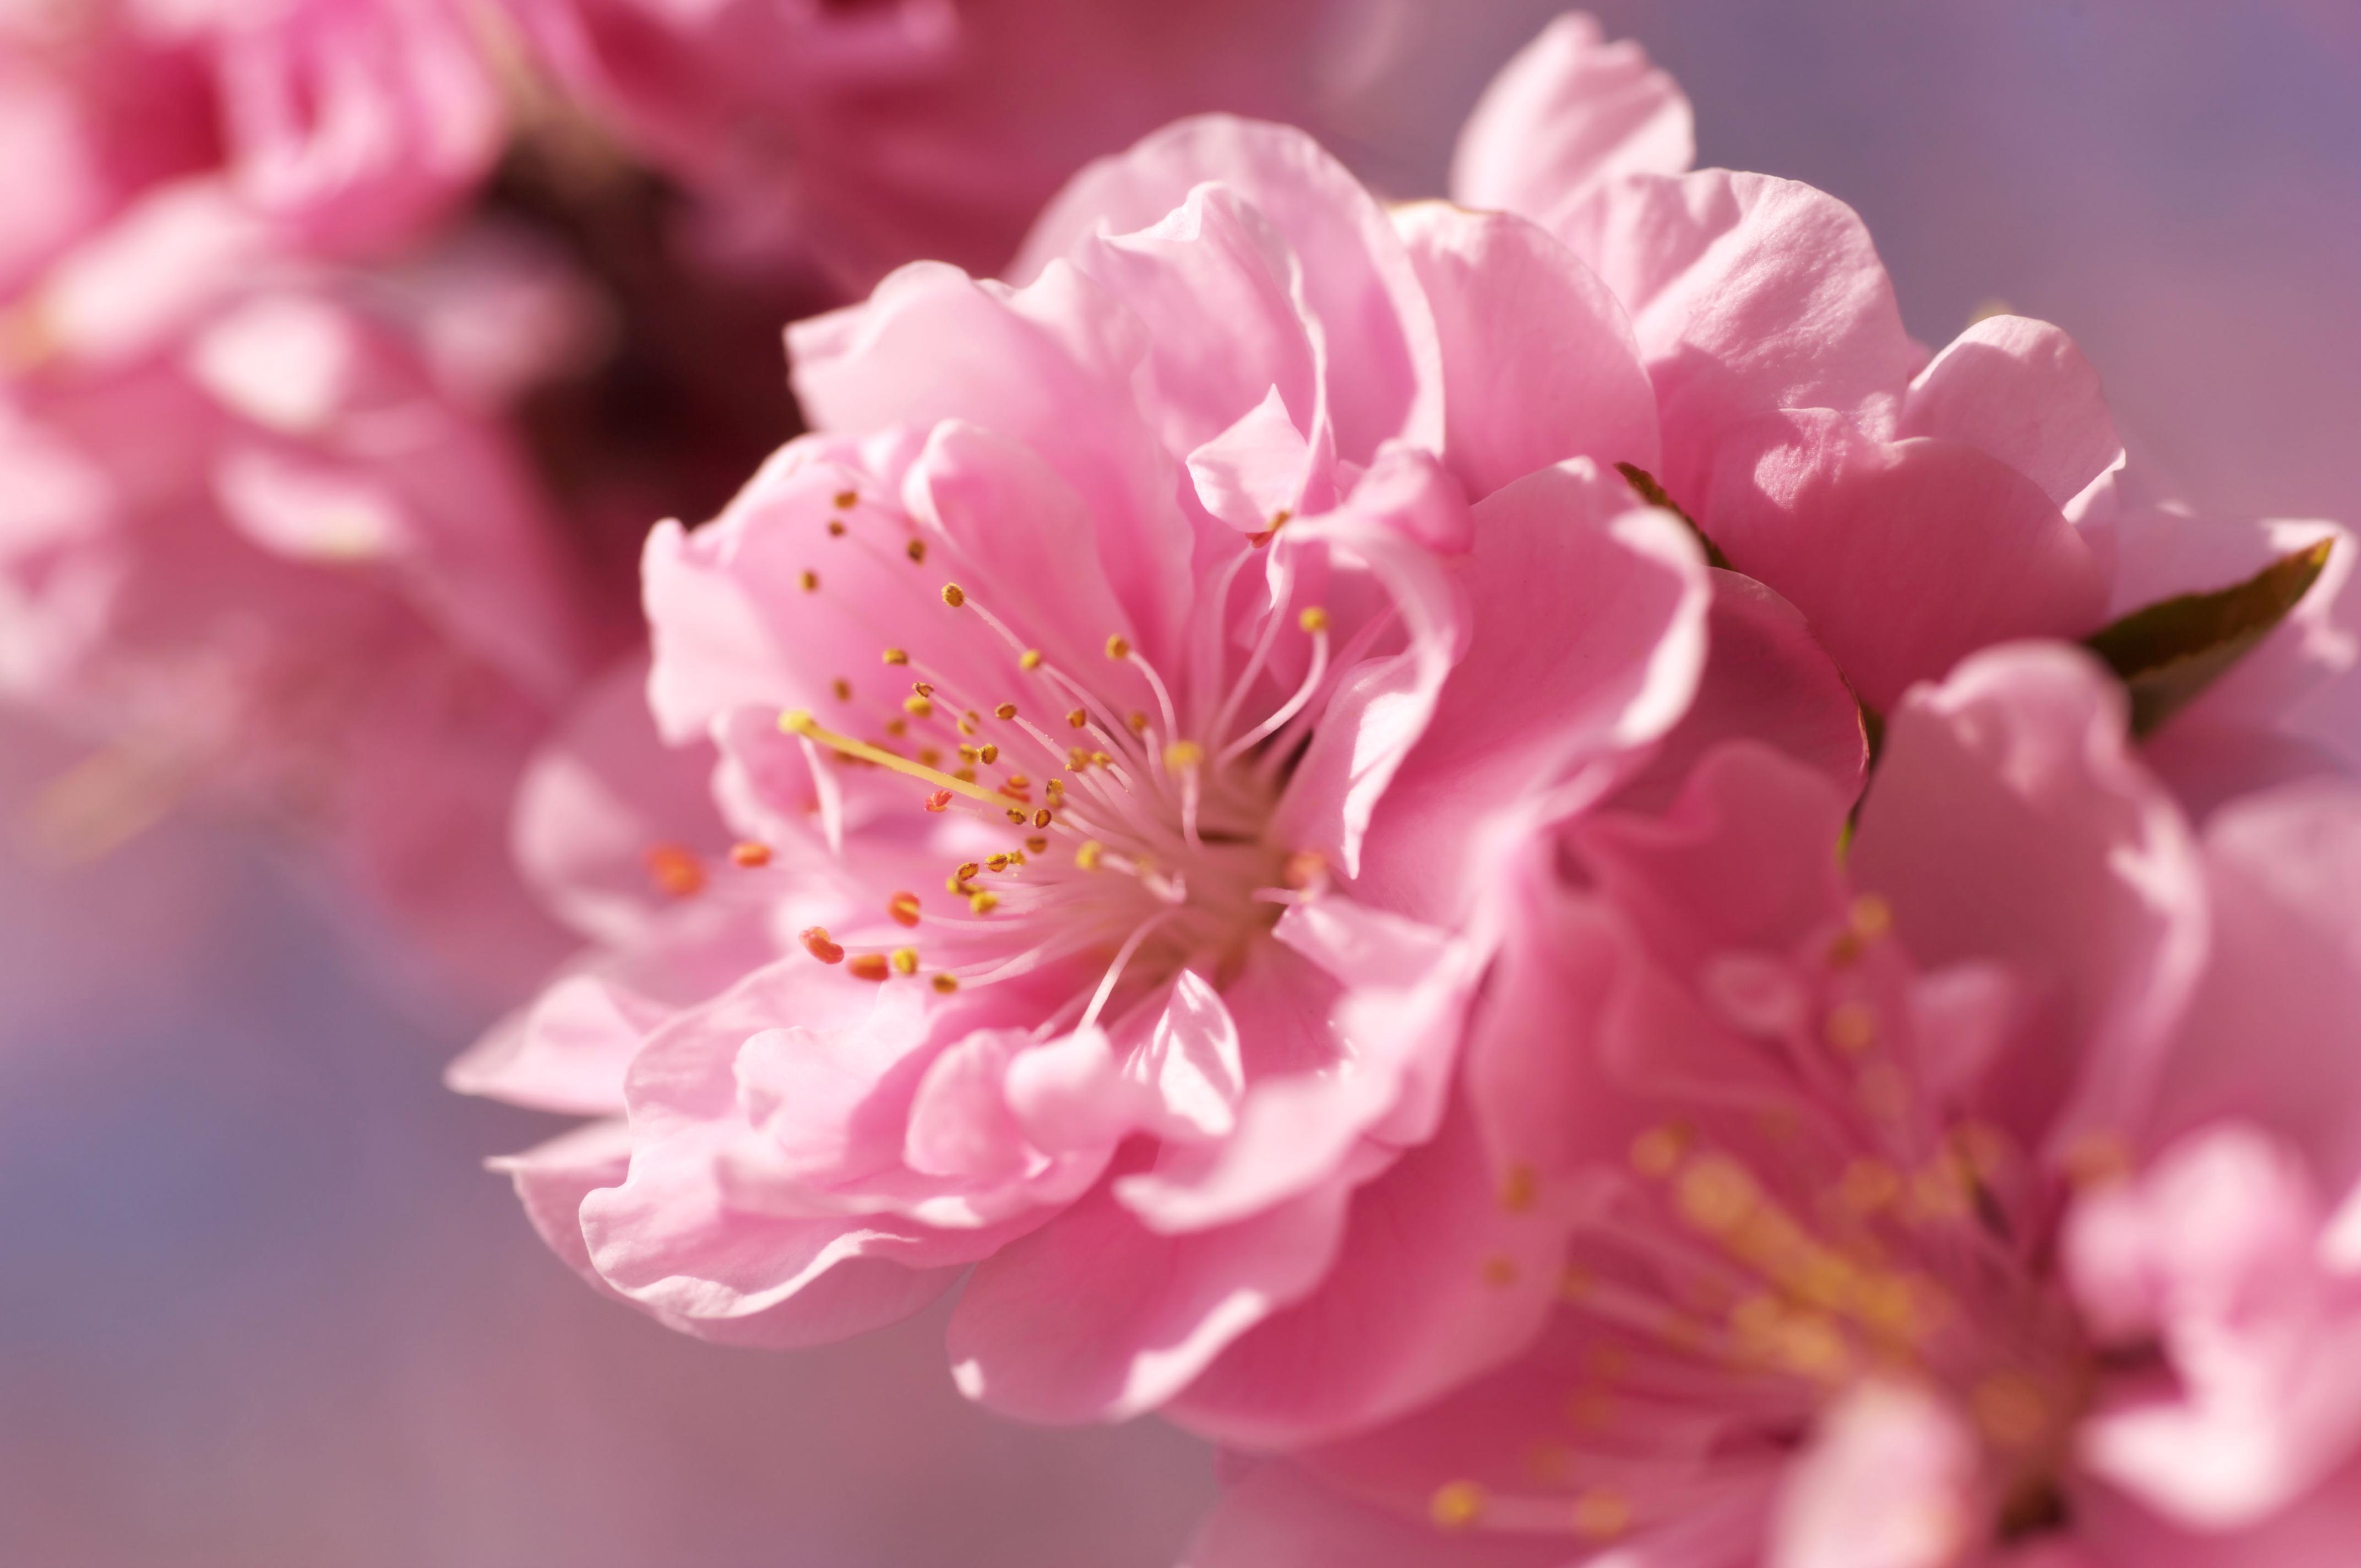 Цветение сакуры фото высокого разрешения - King Sport